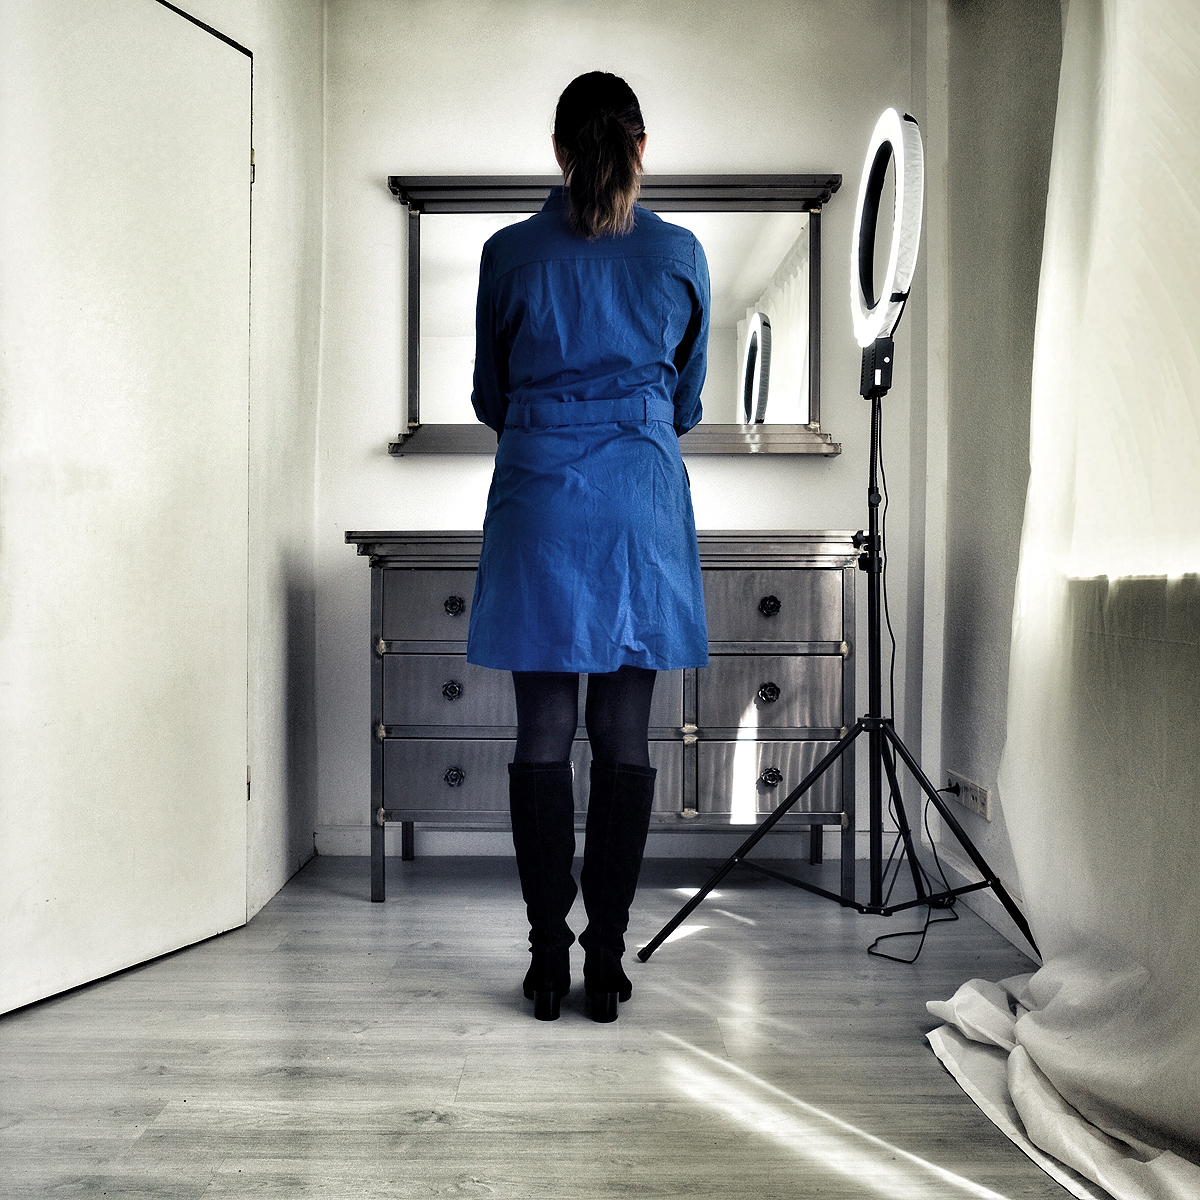 Portrait photography | conceptual photography